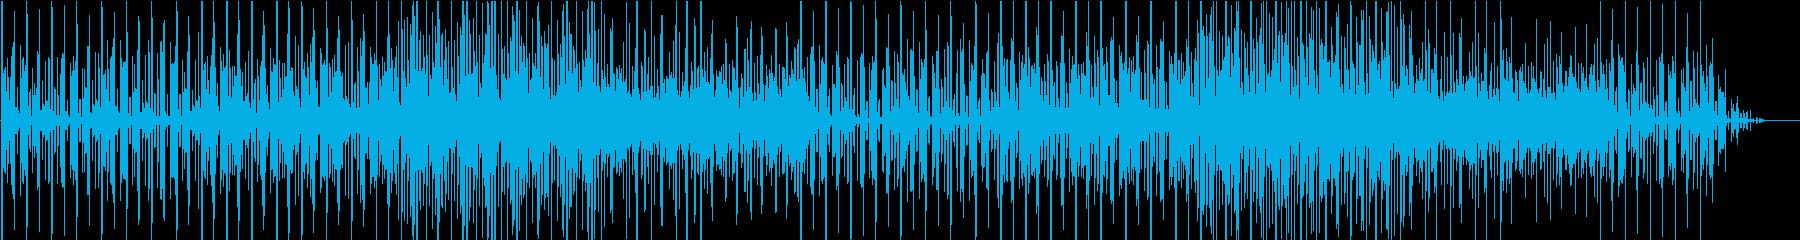 シンプルなデモ画面チップチューンの再生済みの波形